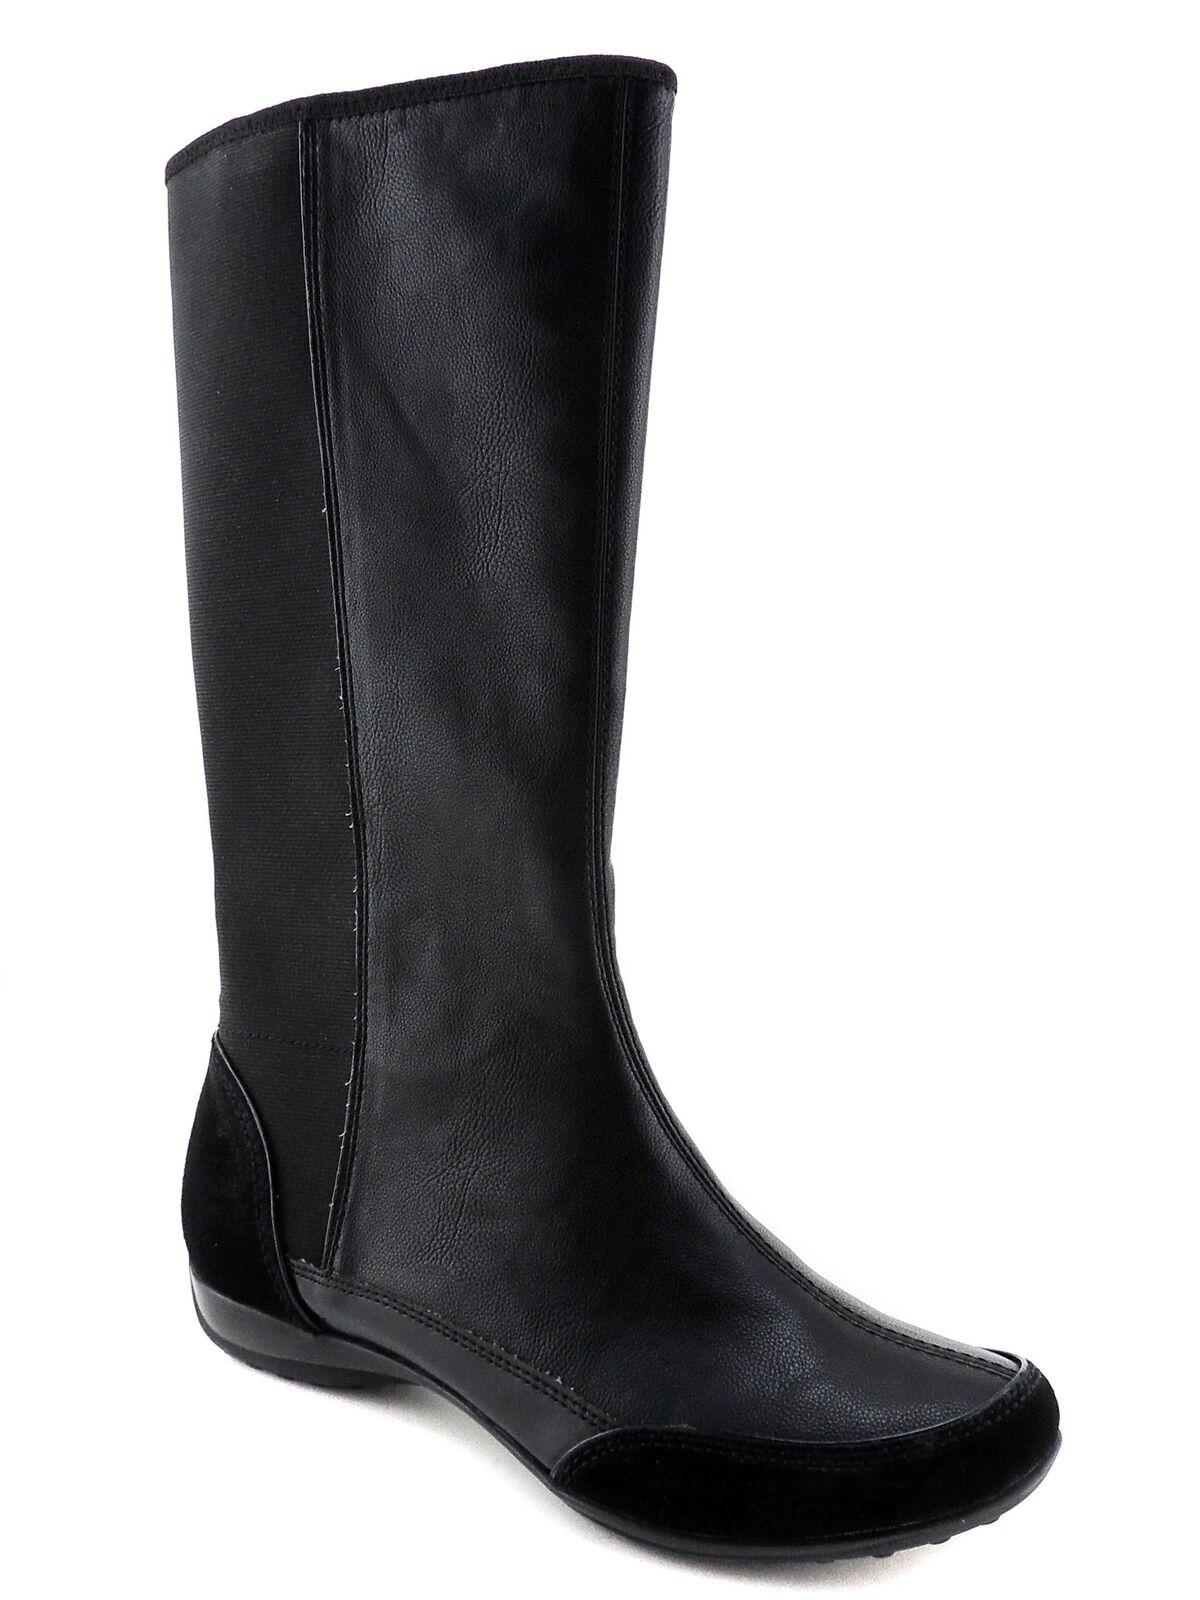 Giani Bernini para mujer Cádiz mitad de la pantorrilla botas botas botas de cuero negro Tamaño 8.5 M  Envío y cambio gratis.